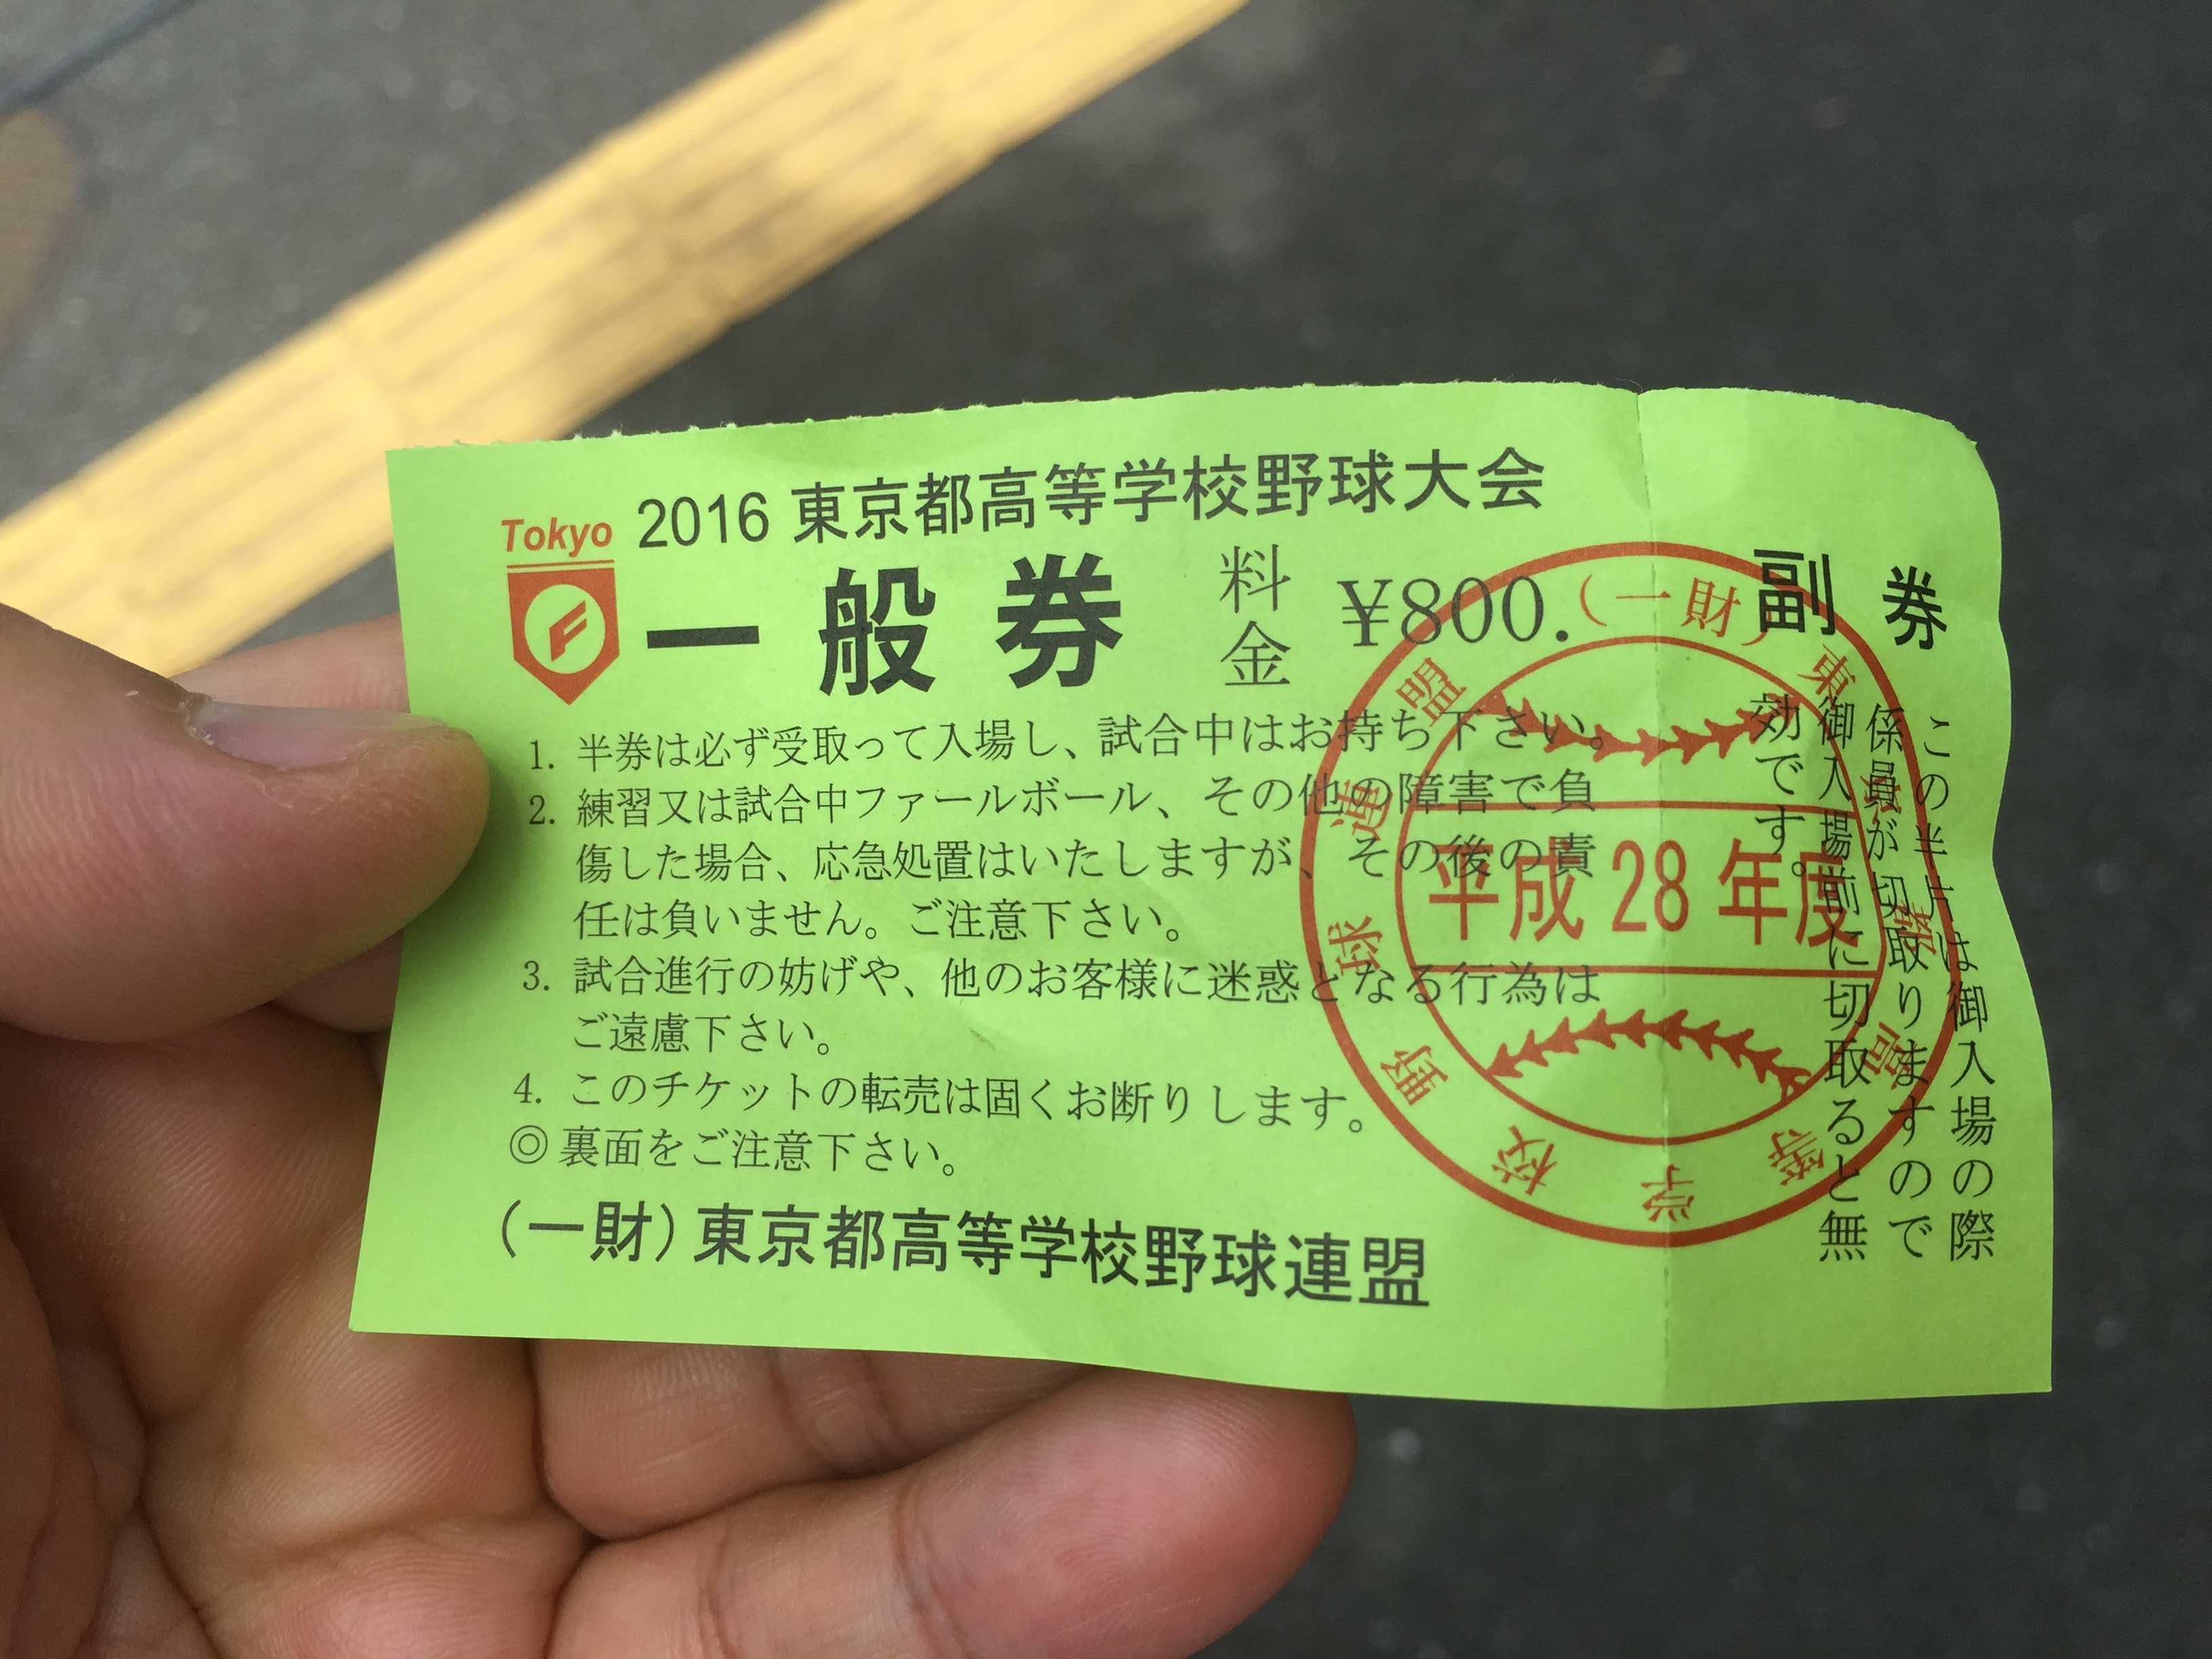 2016 東京都高等学校野球大会 一般券 料金 800円